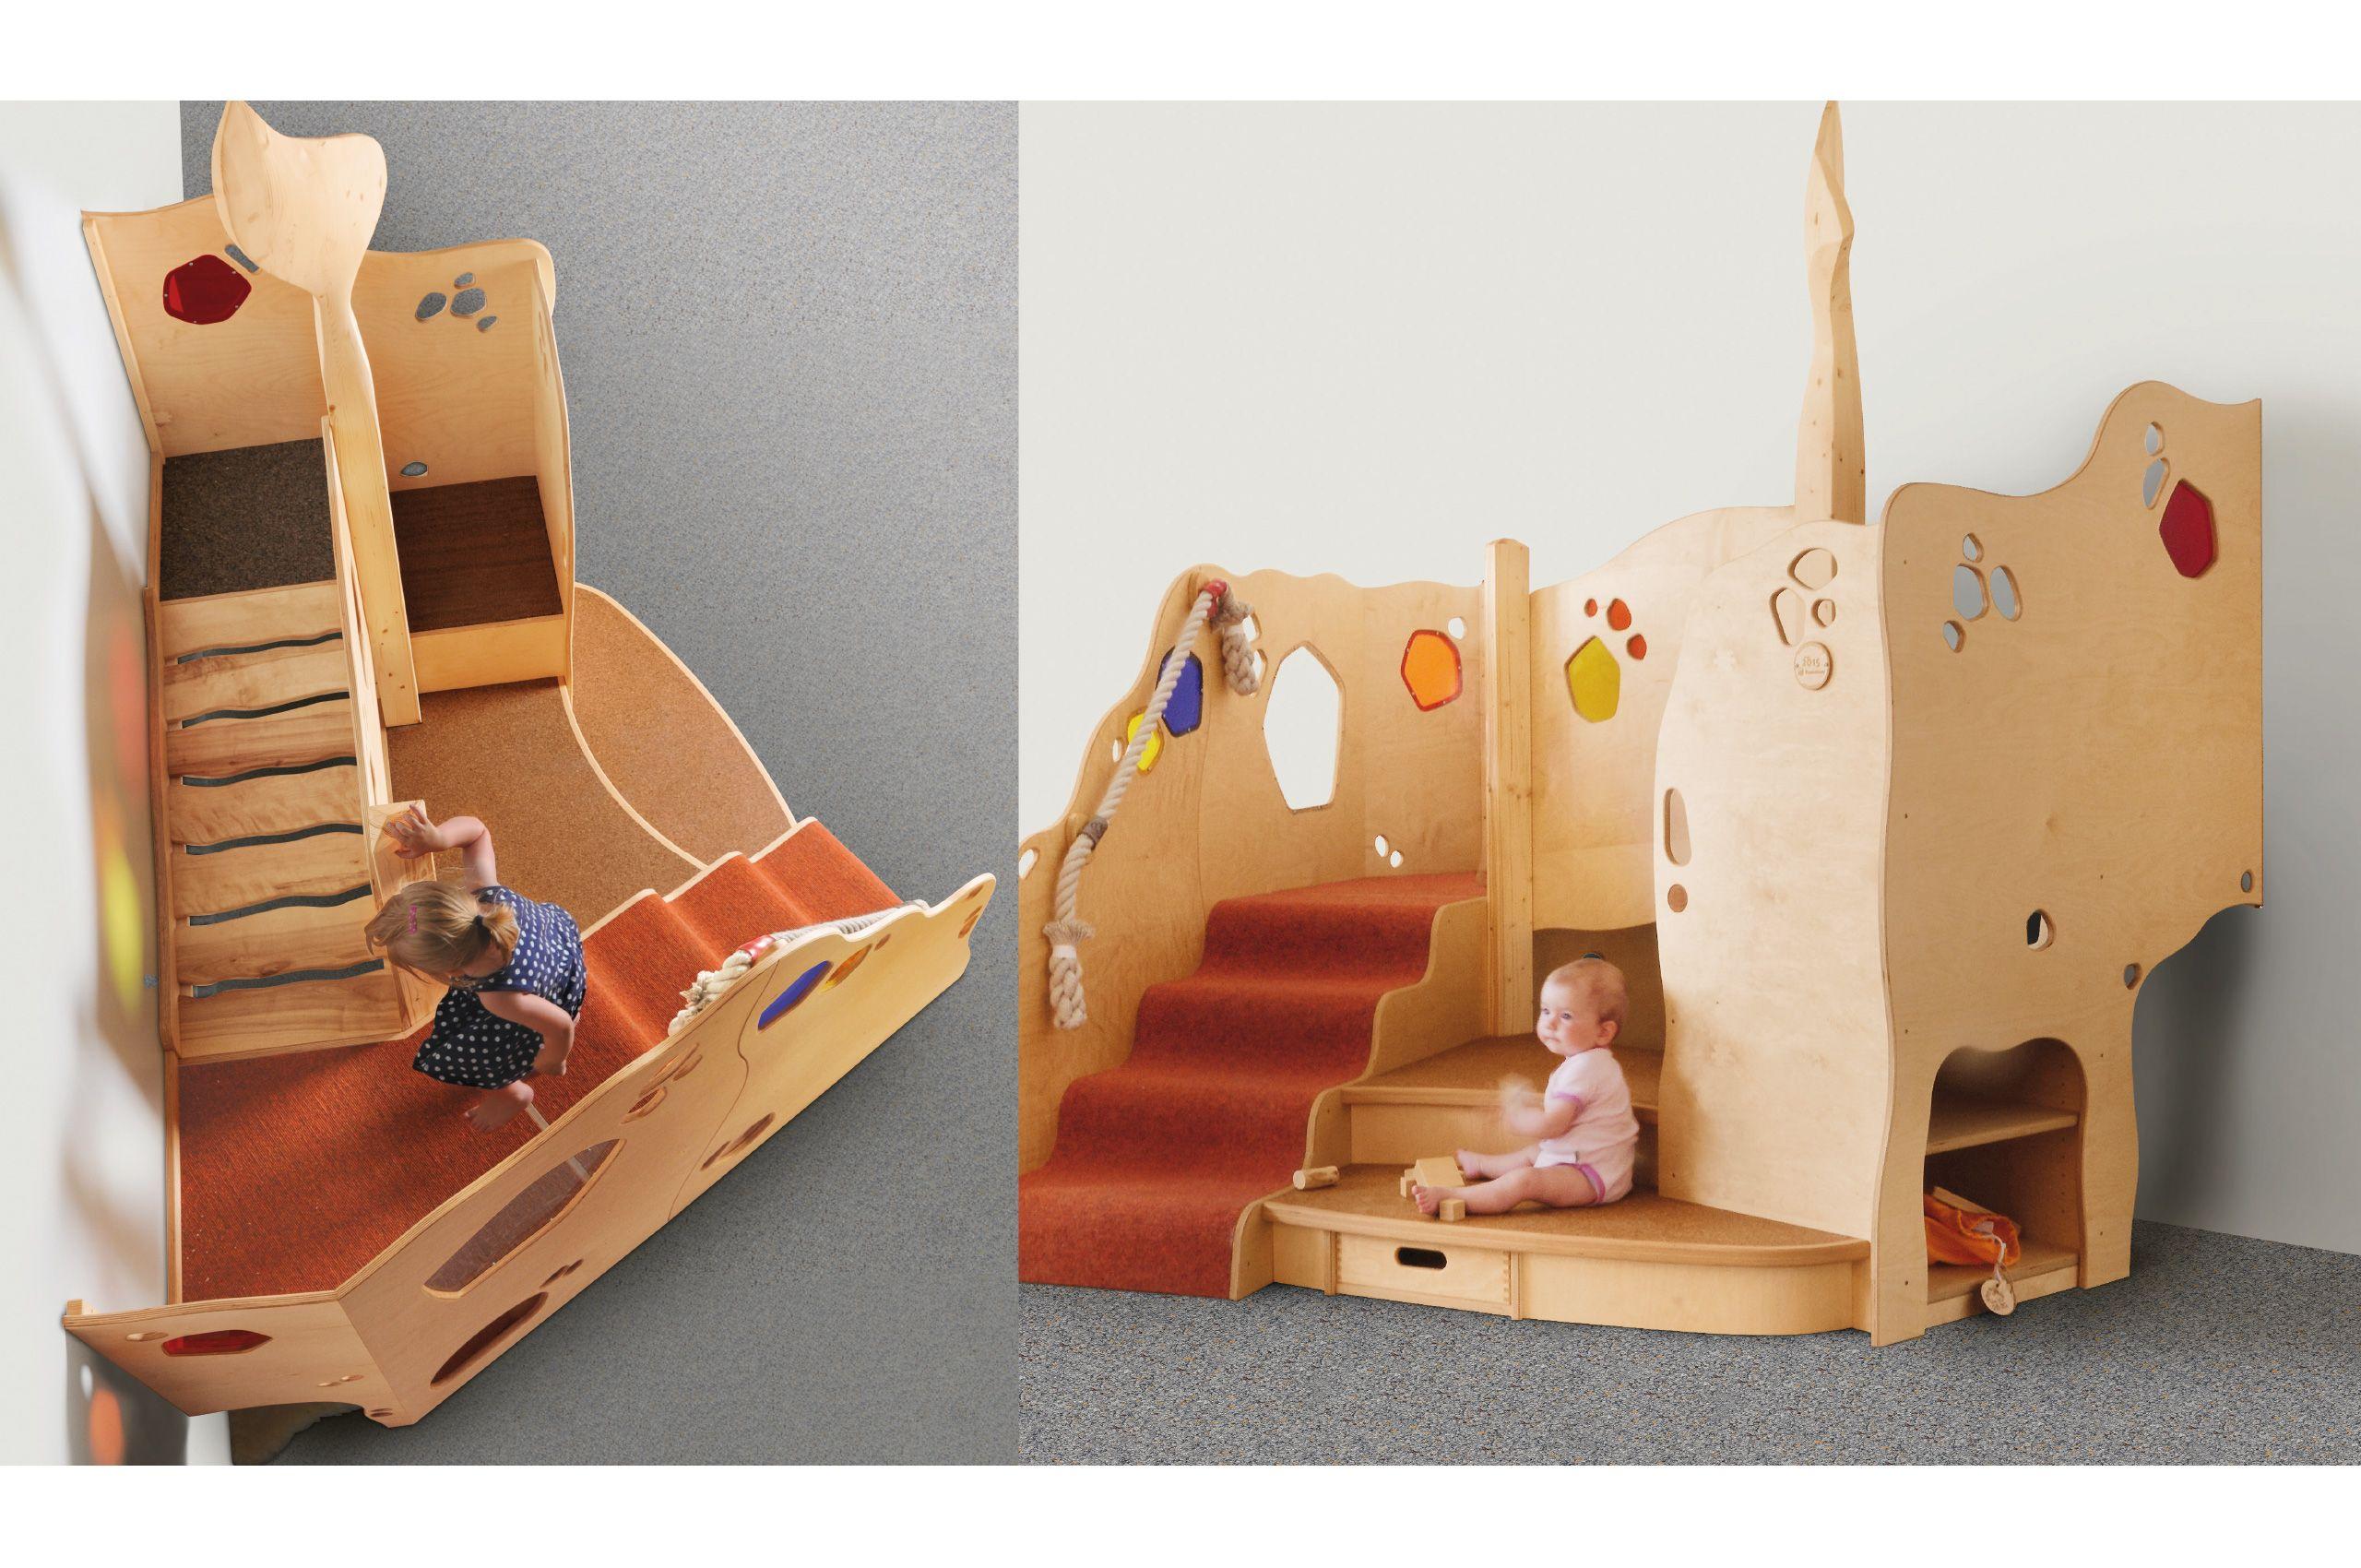 Malte_1_bearb_ey_web.jpg Kinderzimmer gestalten, Kinder